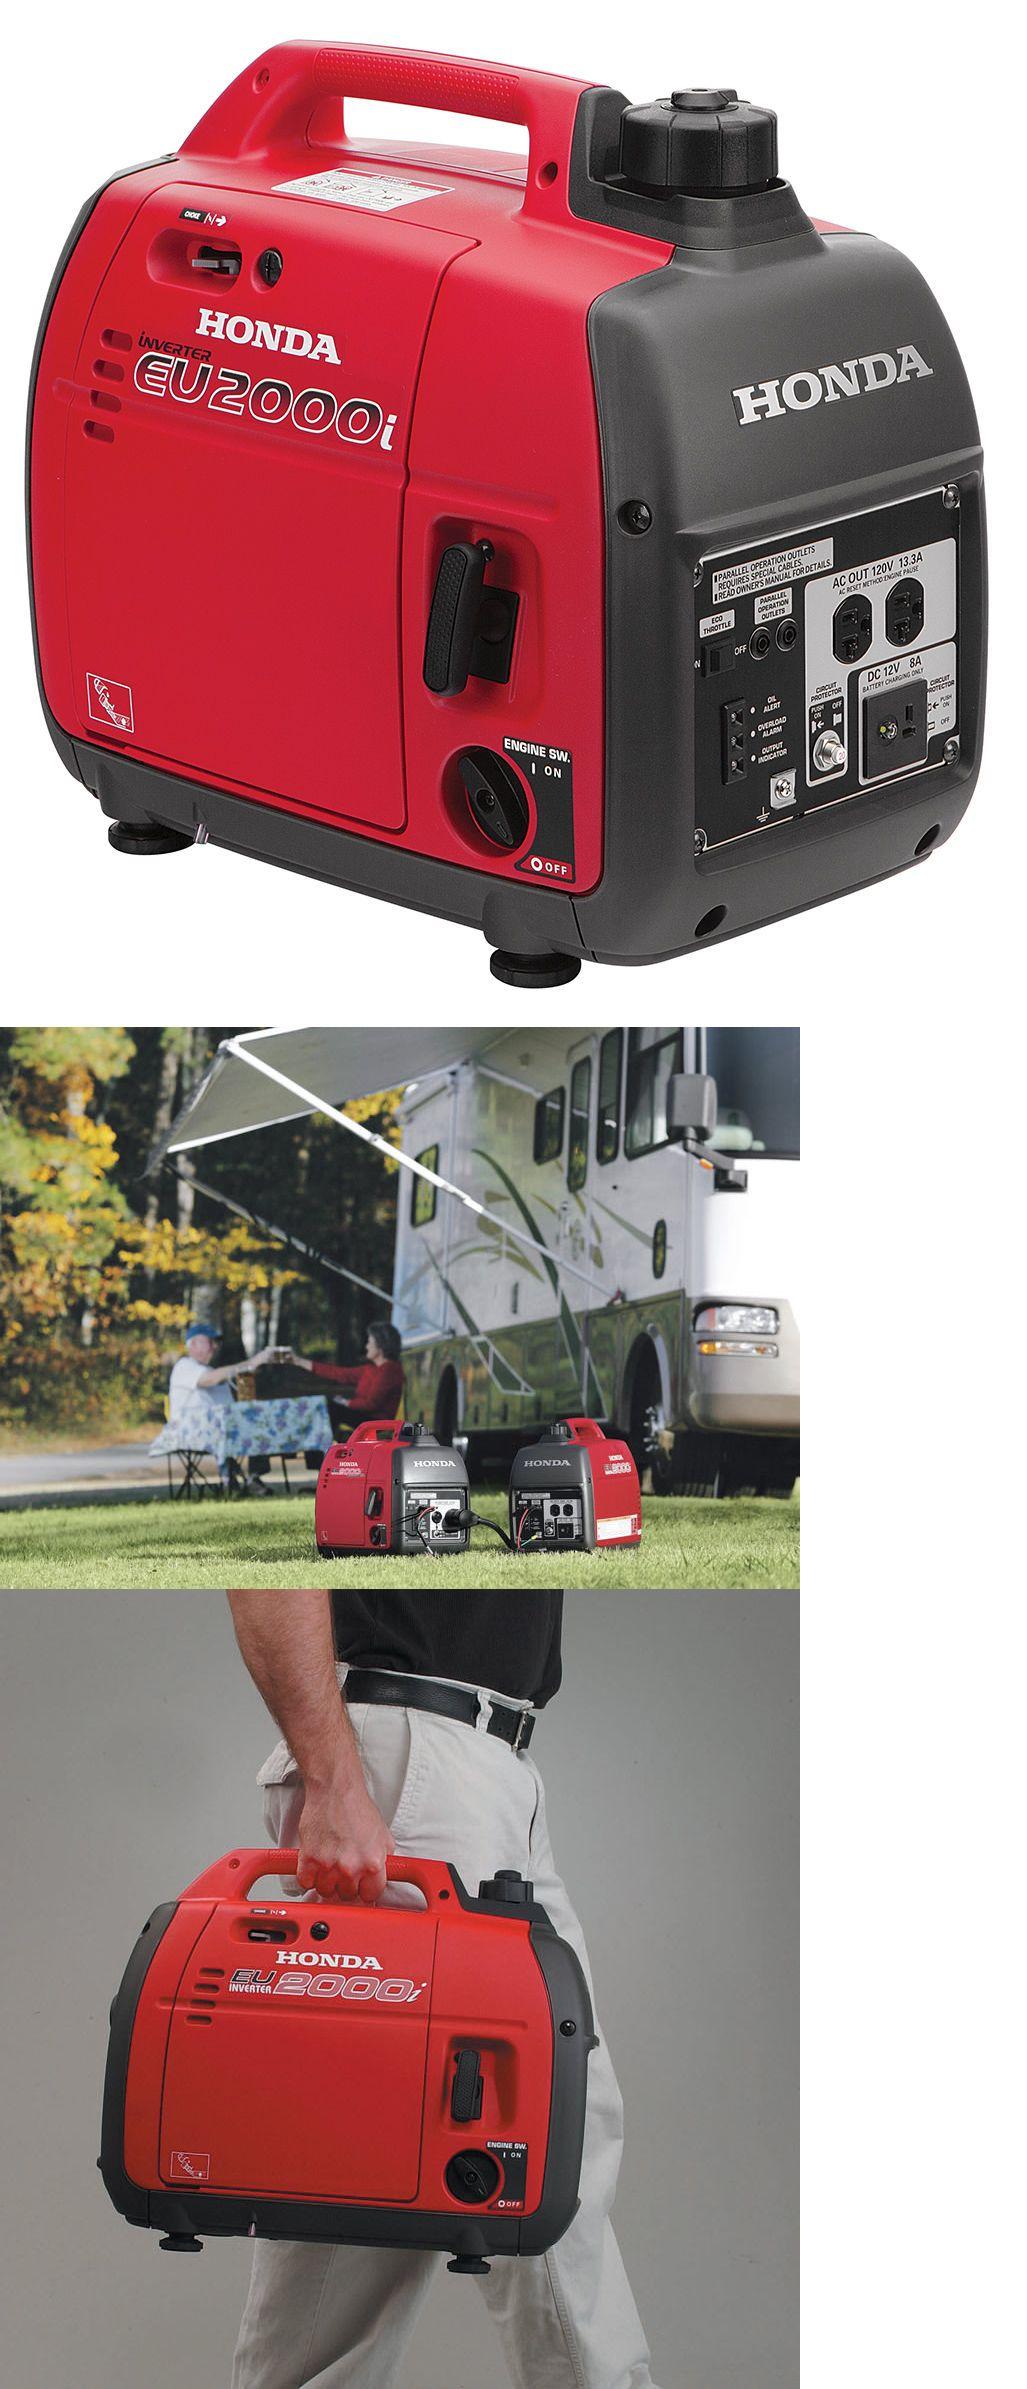 Generators Honda Eu2000i Super Quiet Portable Generator W 3